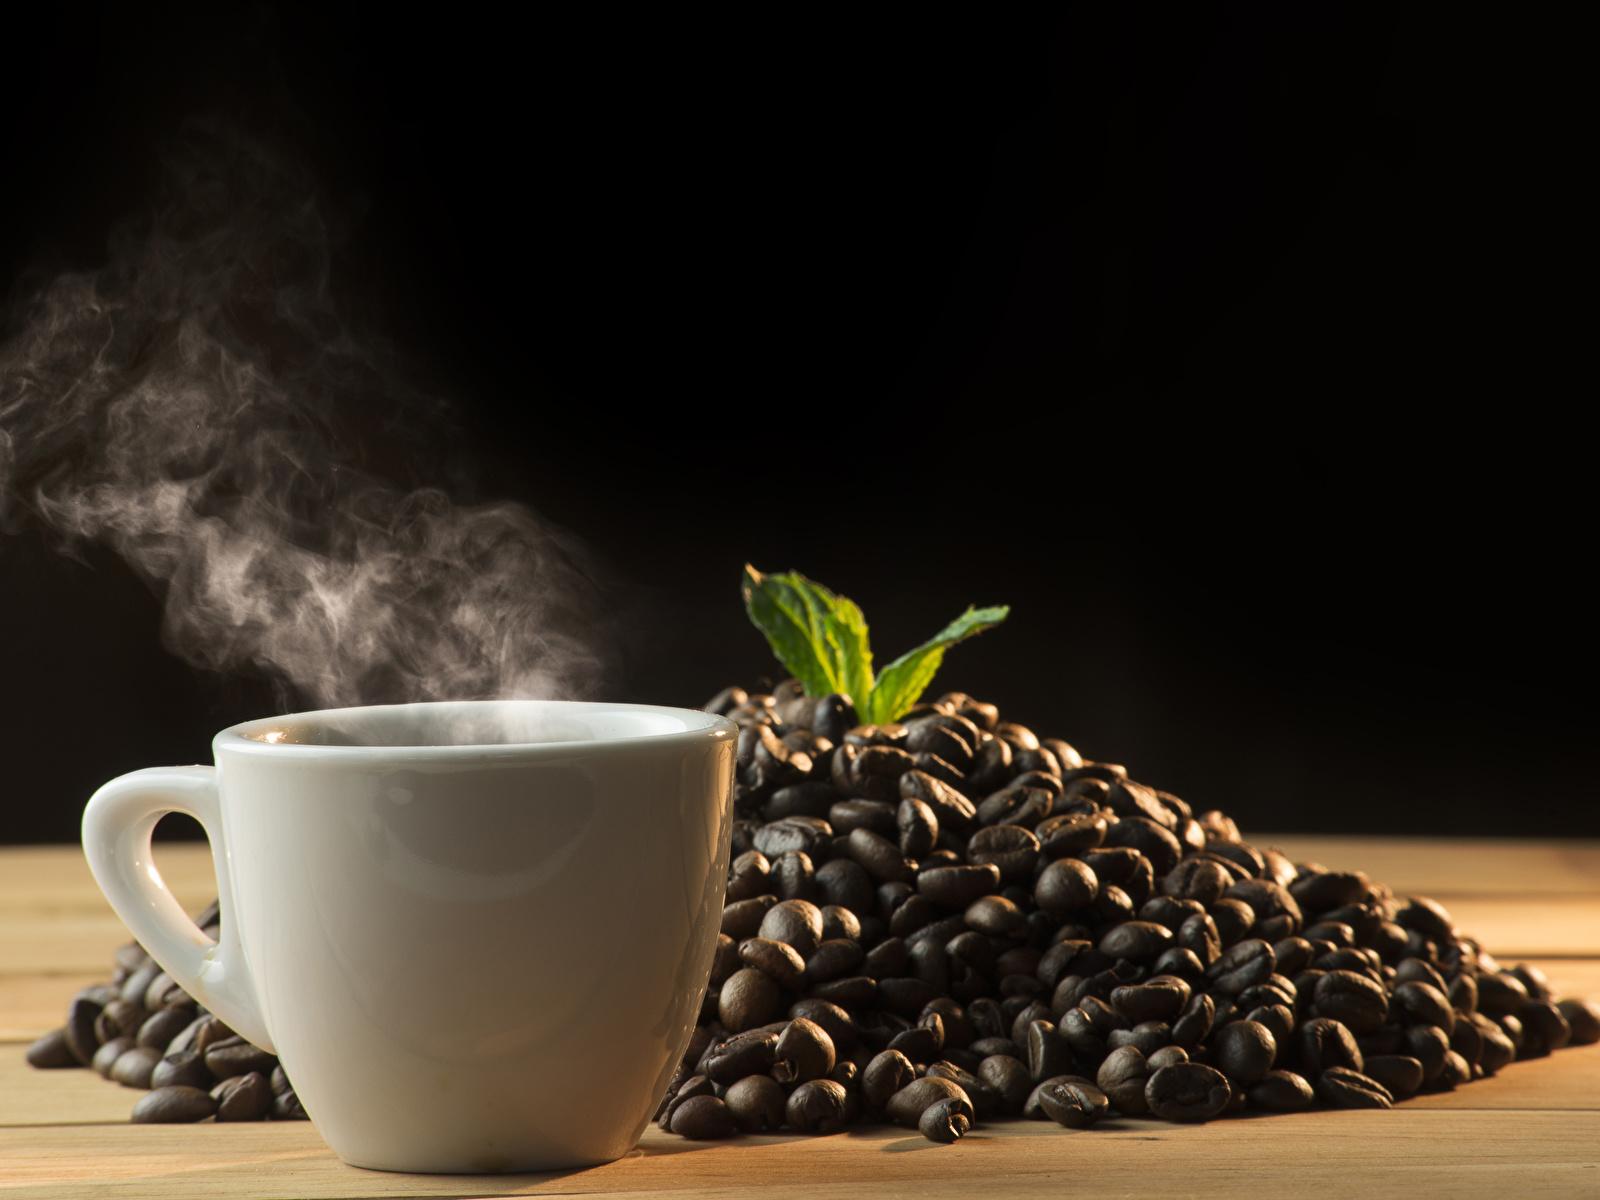 Картинки Кофе зерно пары Чашка Продукты питания на черном фоне 1600x1200 Зерна Еда Пар Пища паром чашке Черный фон